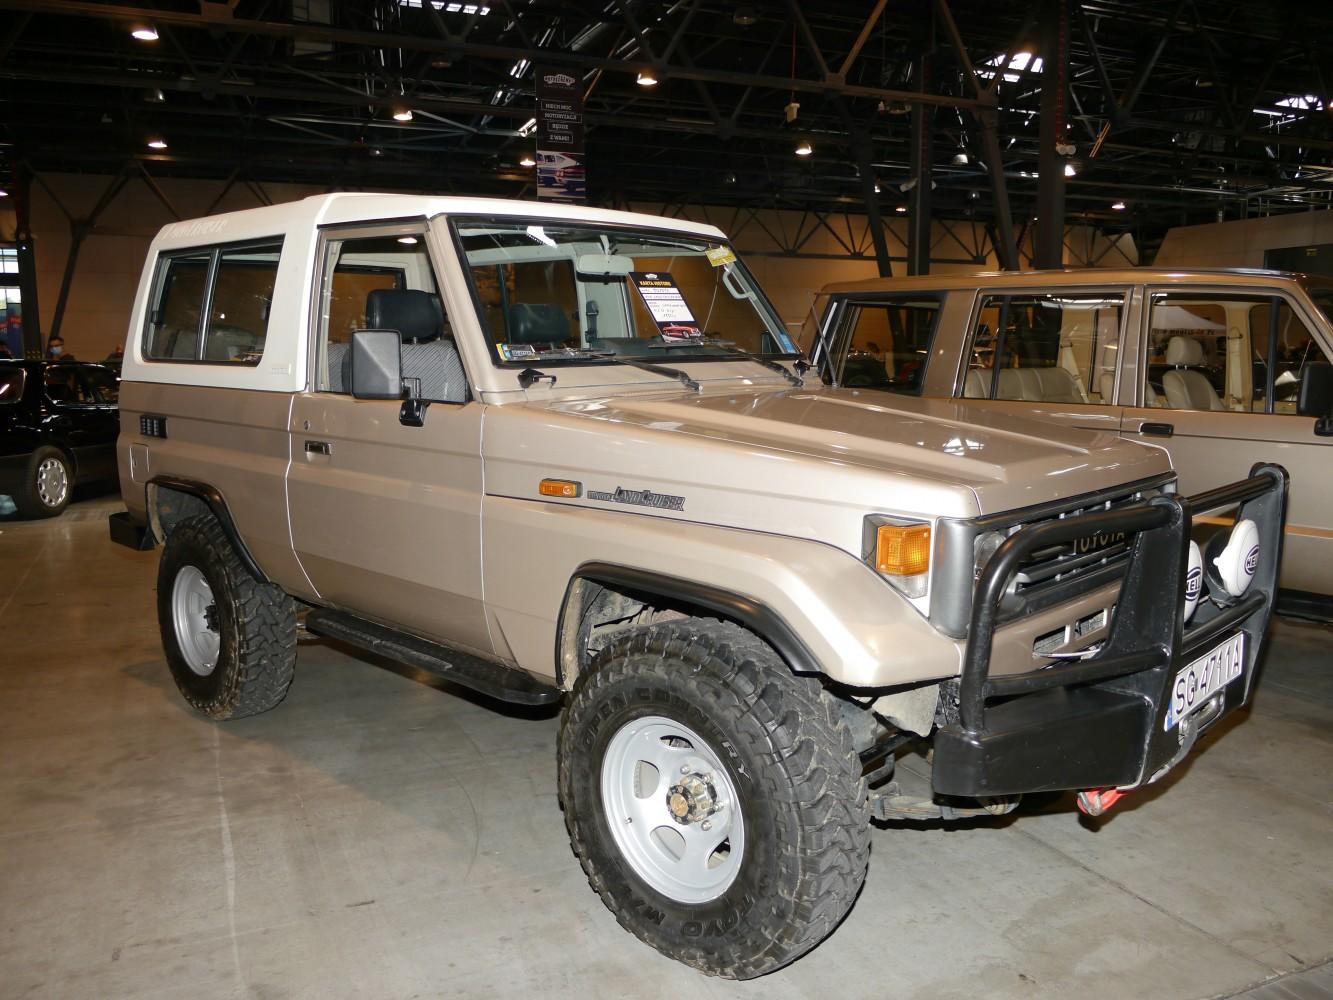 Kliknij obrazek, aby uzyskać większą wersję  Nazwa:Toyota Land Cruiser (1).jpg Wyświetleń:48 Rozmiar:292,4 KB ID:232733